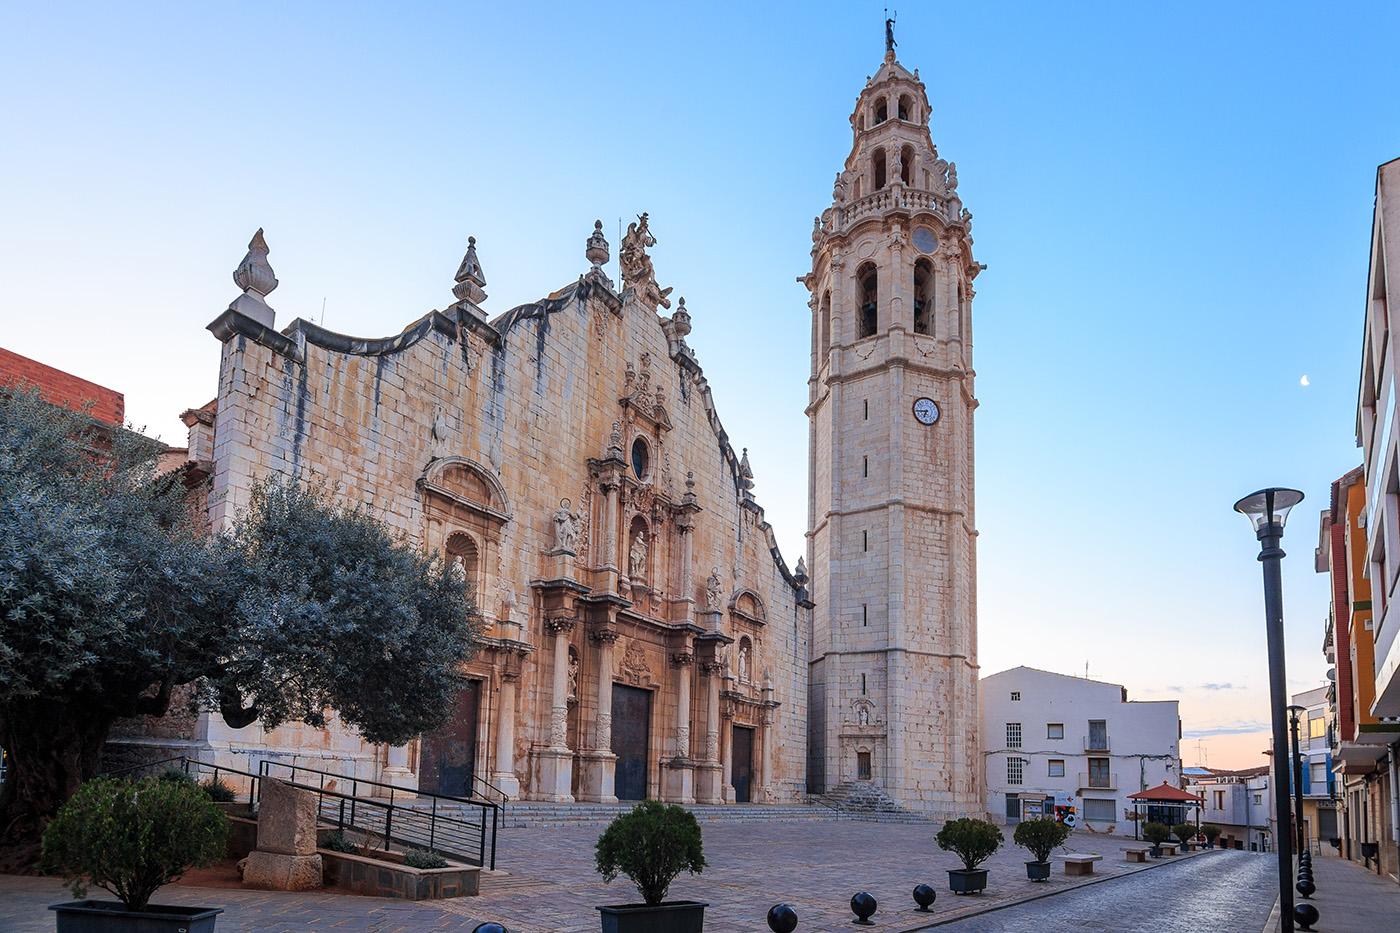 Iglesia-y-campanario-Alcala-de-Xivert